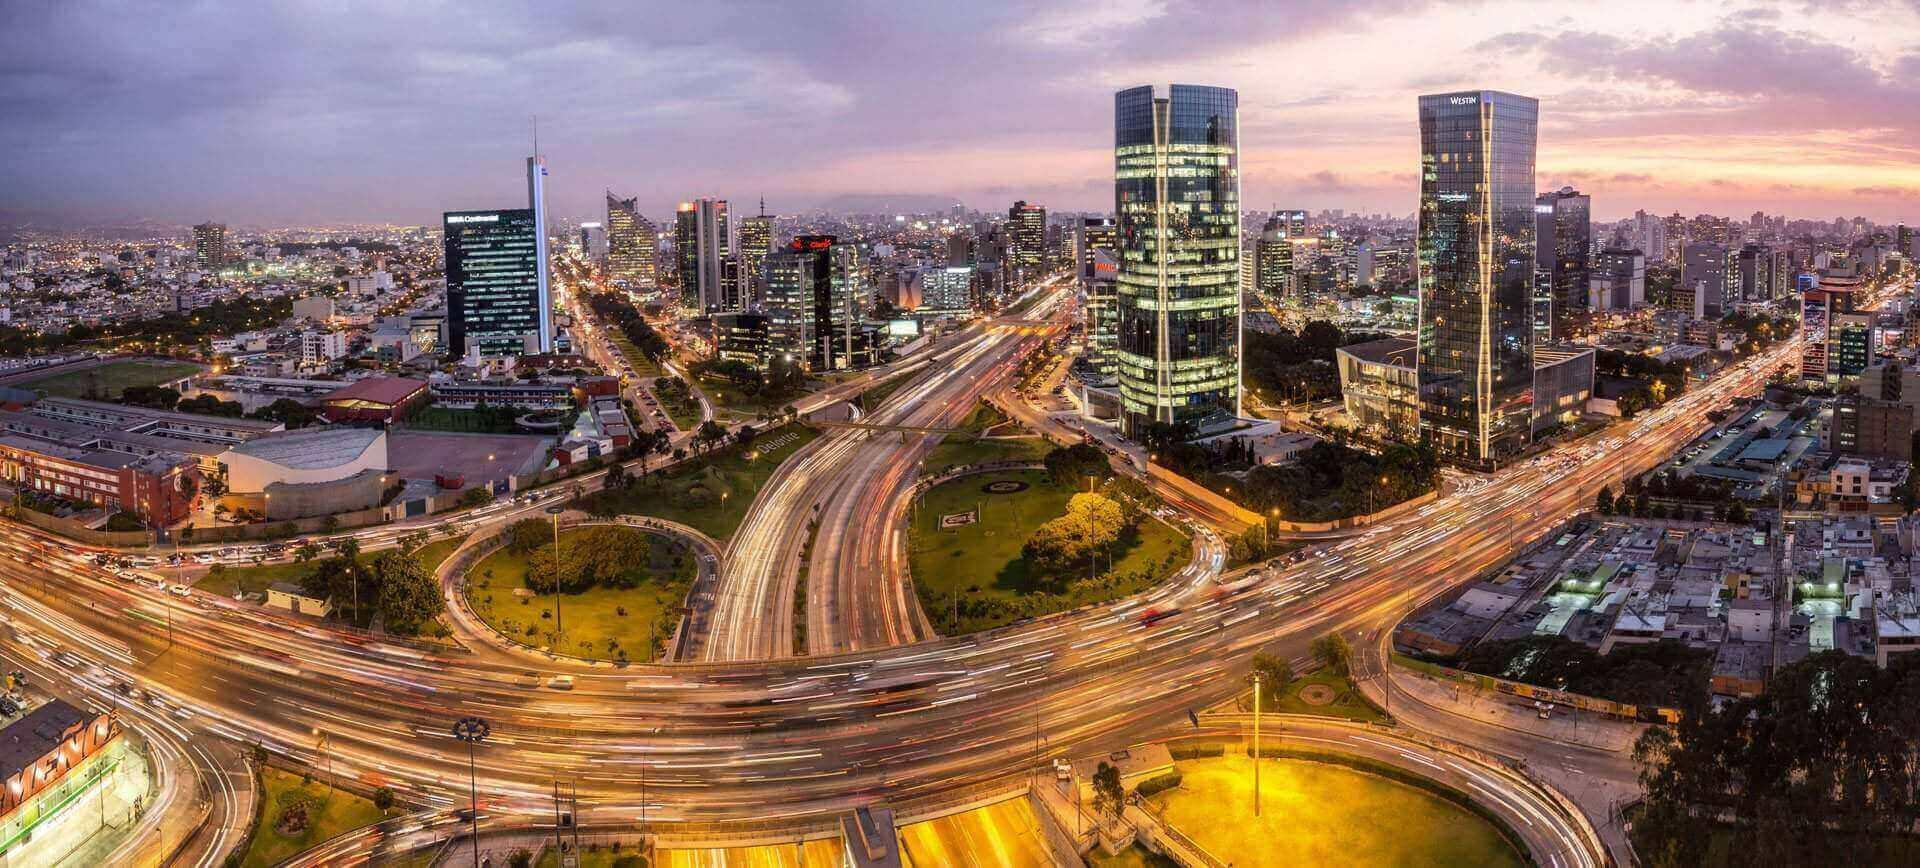 ¿Cómo registrar una empresa en Perú? Proceso de Incorporación en Perú